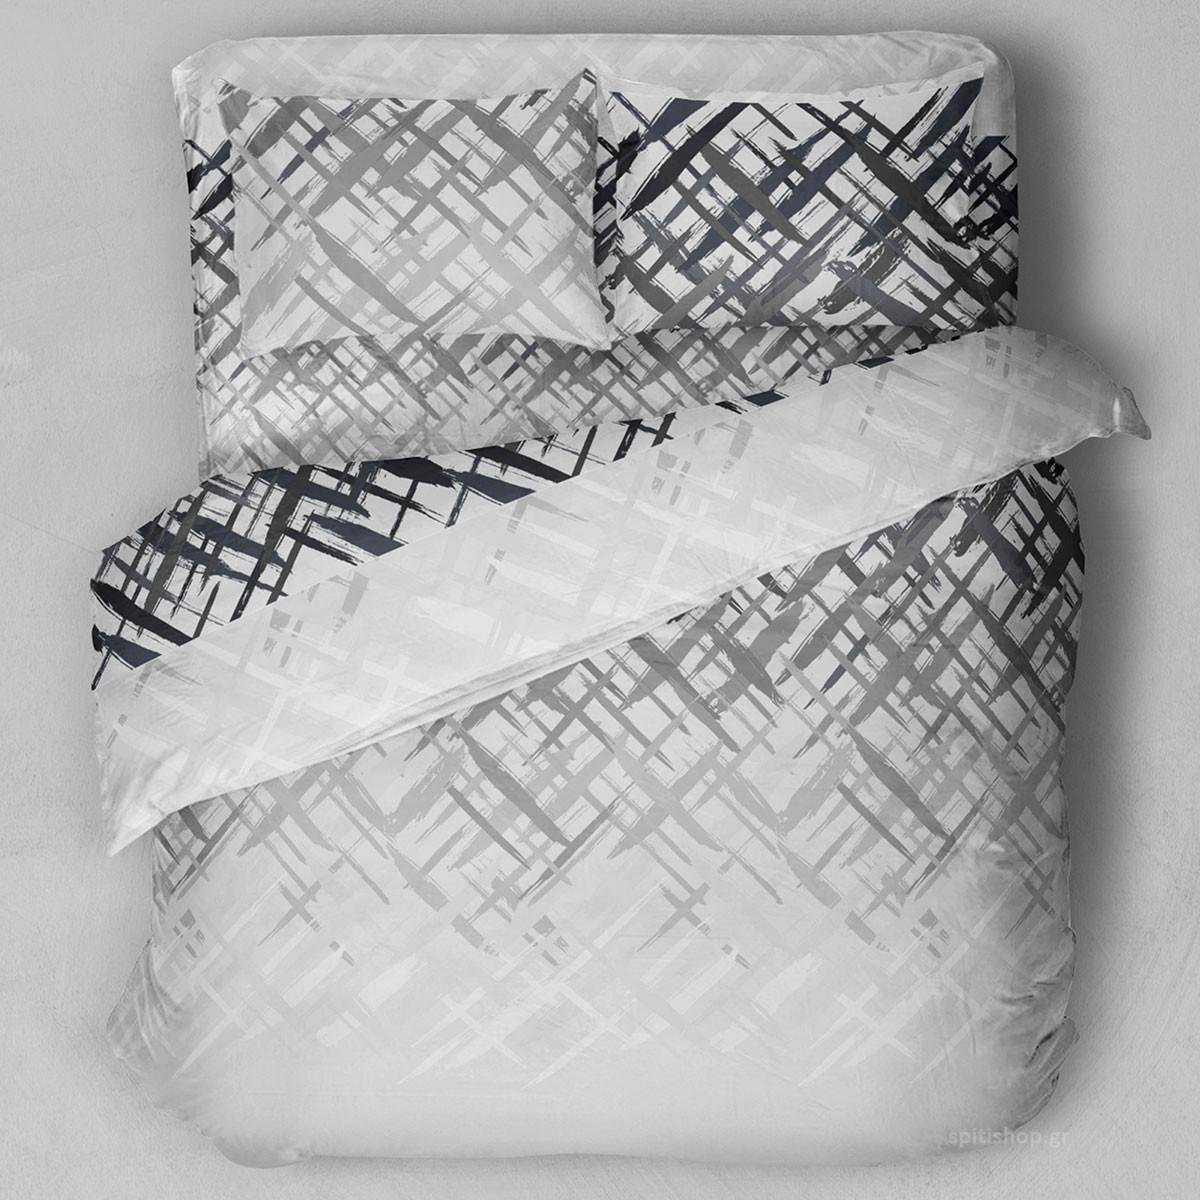 Πάπλωμα Ημίδιπλο (Σετ) Viopros Fresh Ντέστινι home   κρεβατοκάμαρα   παπλώματα   παπλώματα ημίδιπλα   διπλά